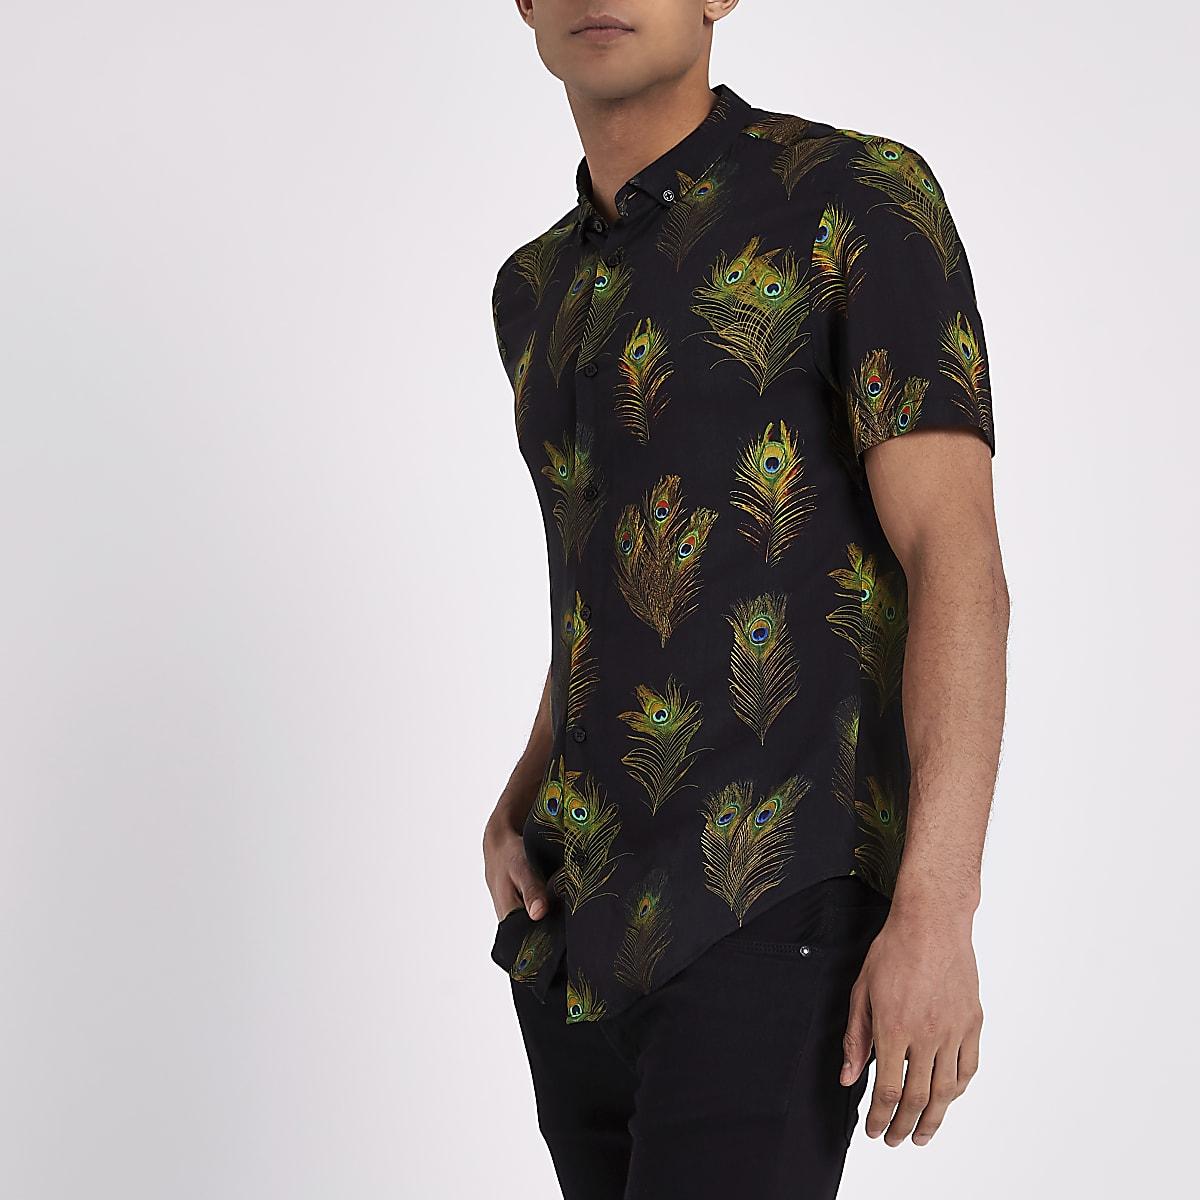 Overhemd Zwart Slim Fit.Zwart Slim Fit Overhemd Met Pauwenprint En Korte Mouwen Overhemden